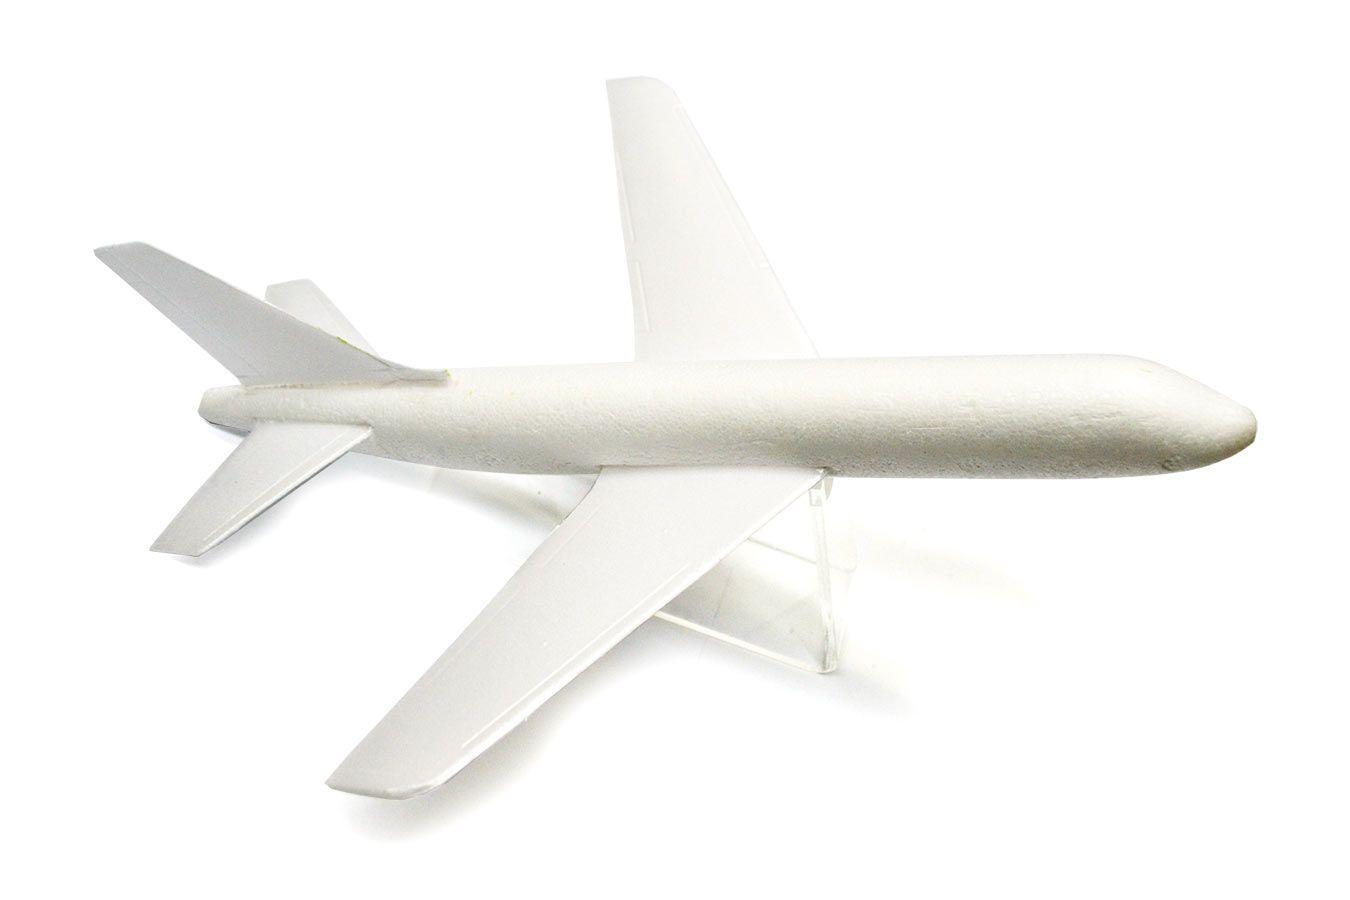 Летающий Аэробус 27 см из пенопласта с запуском [FLPA27]